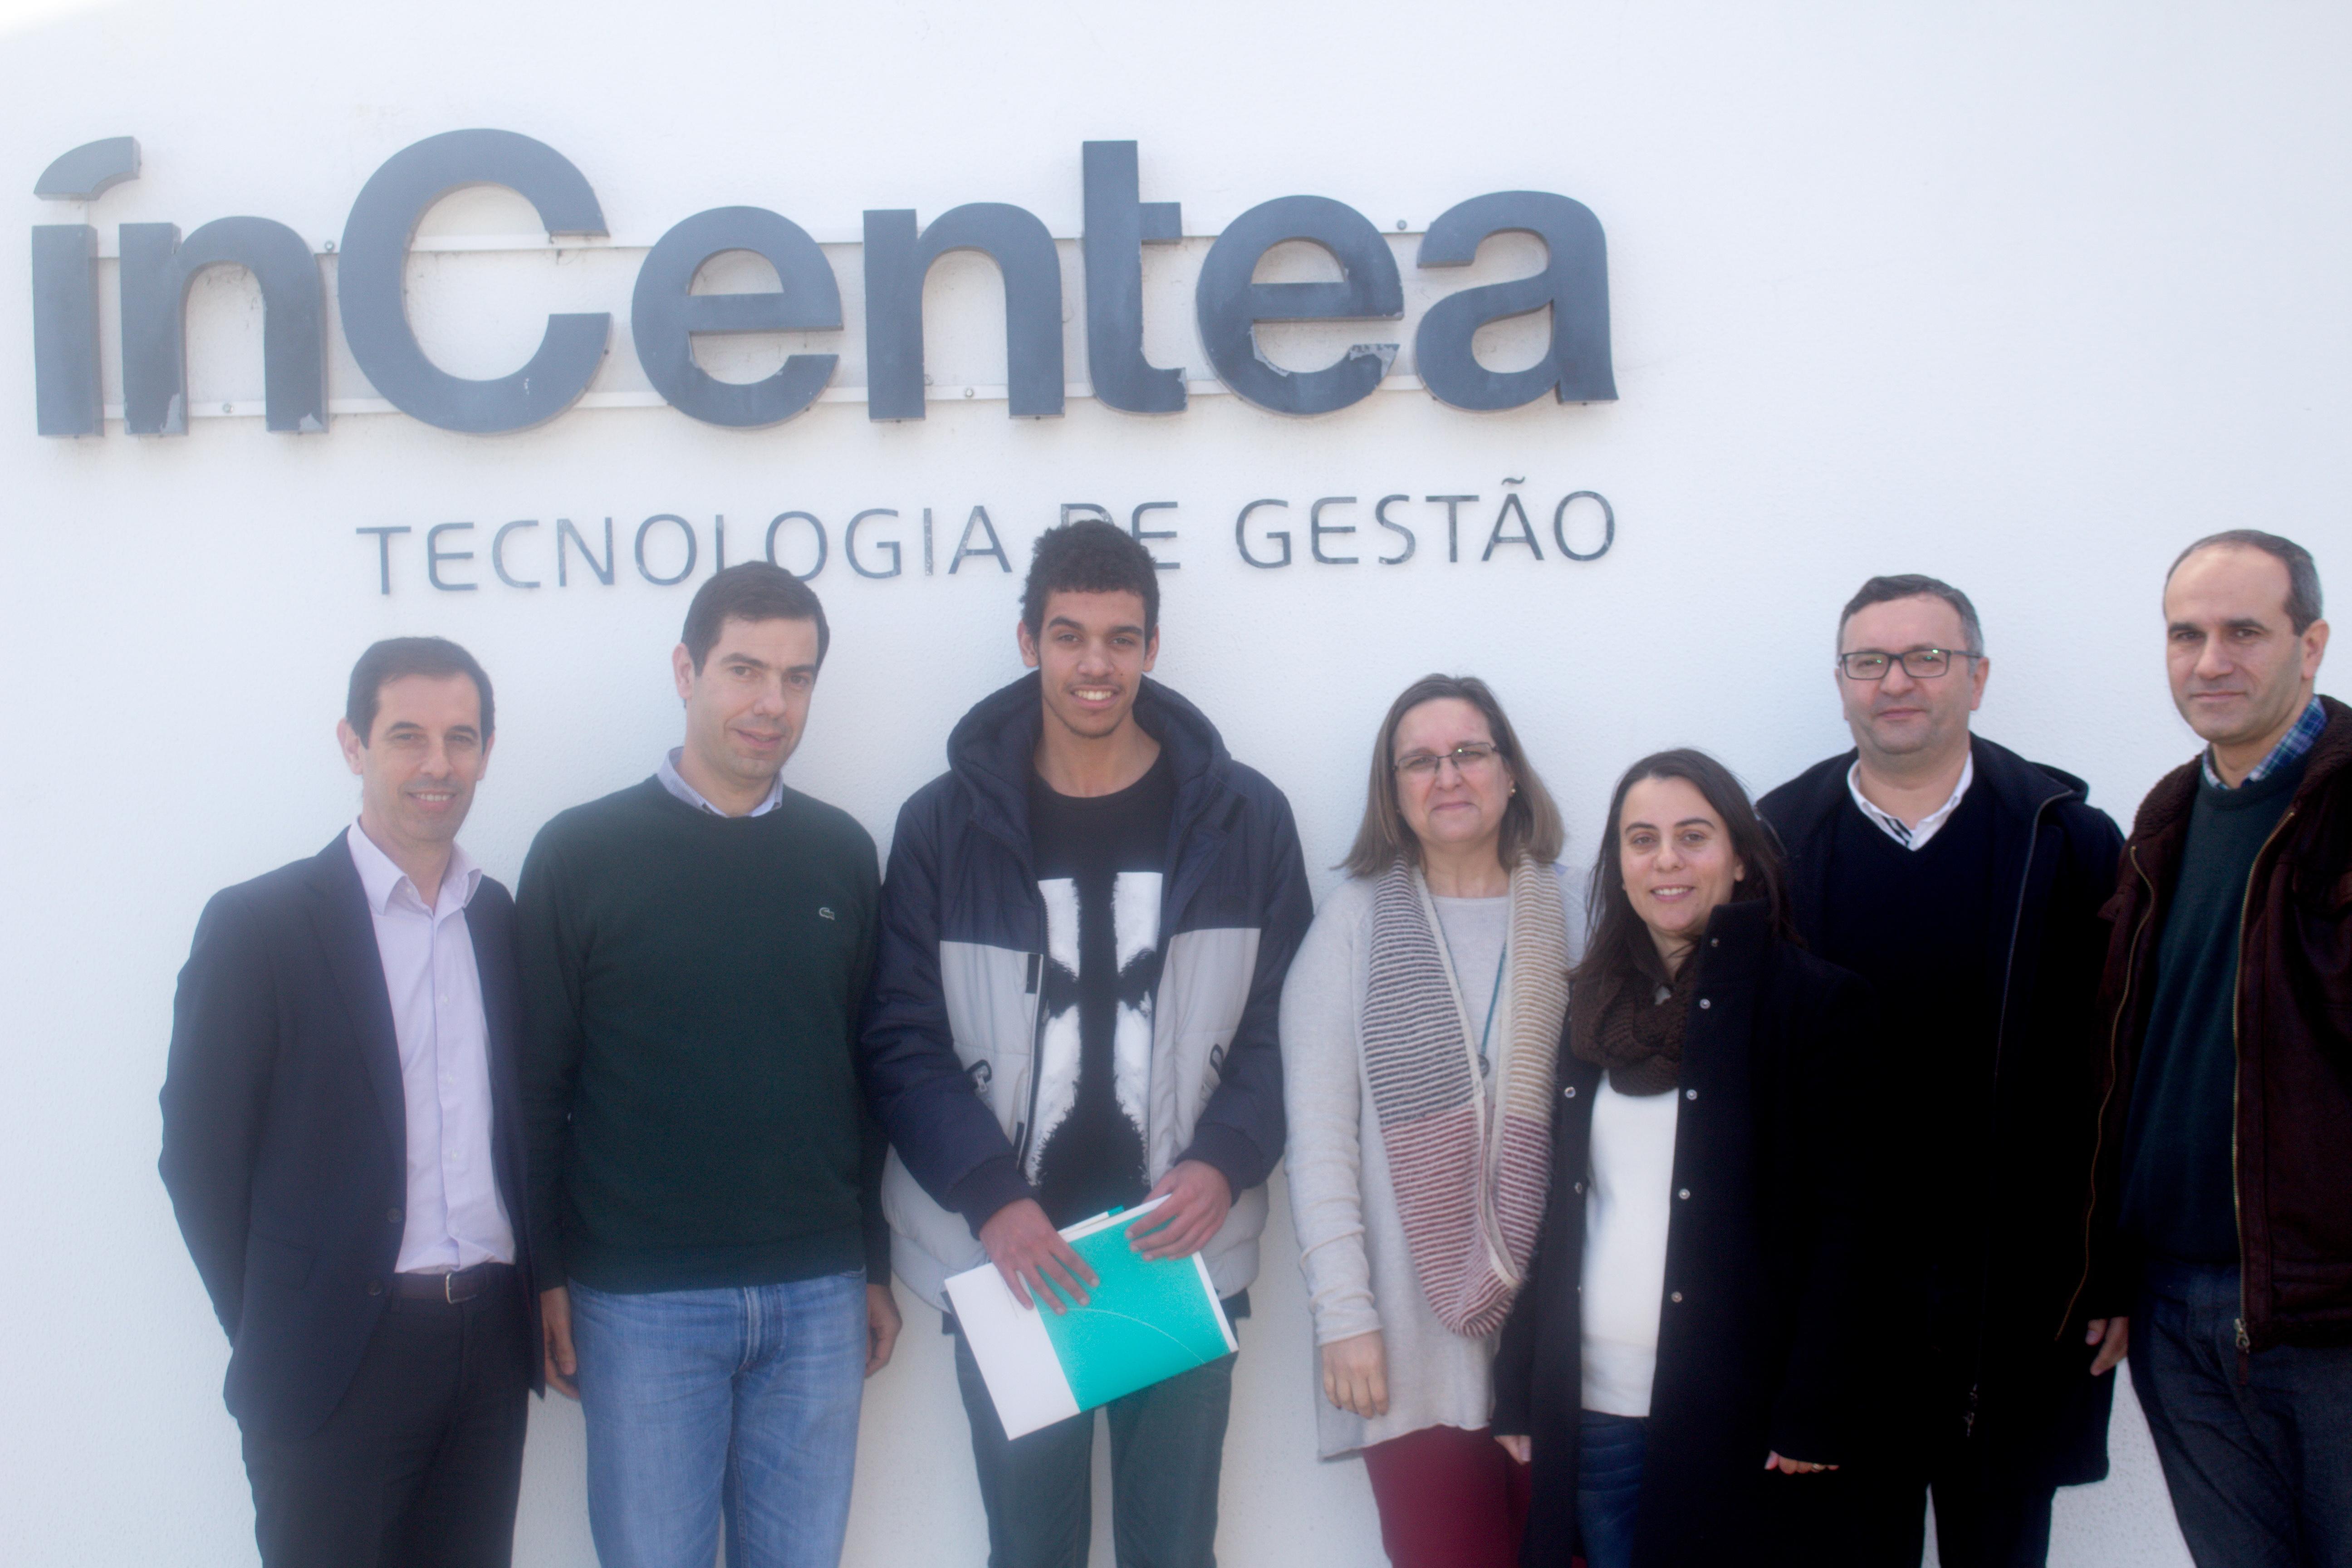 Visita à empresa InCentea